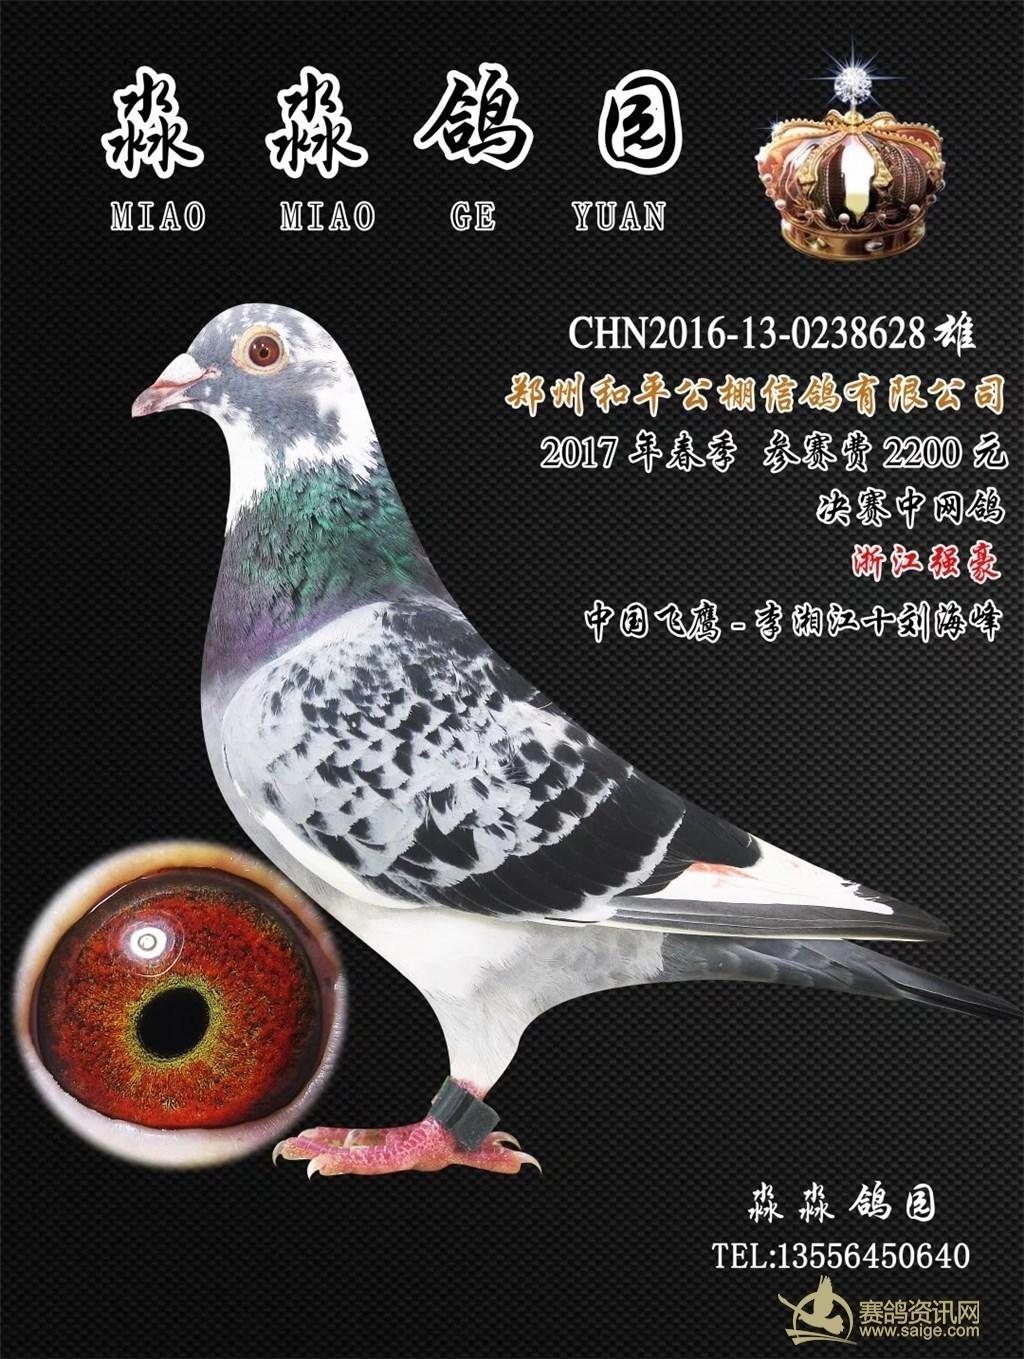 2200元 雨白条 黄眼 雄鸽 杨阿腾 淅江强豪 中国飞鹰 李湘江十刘海峰 图片